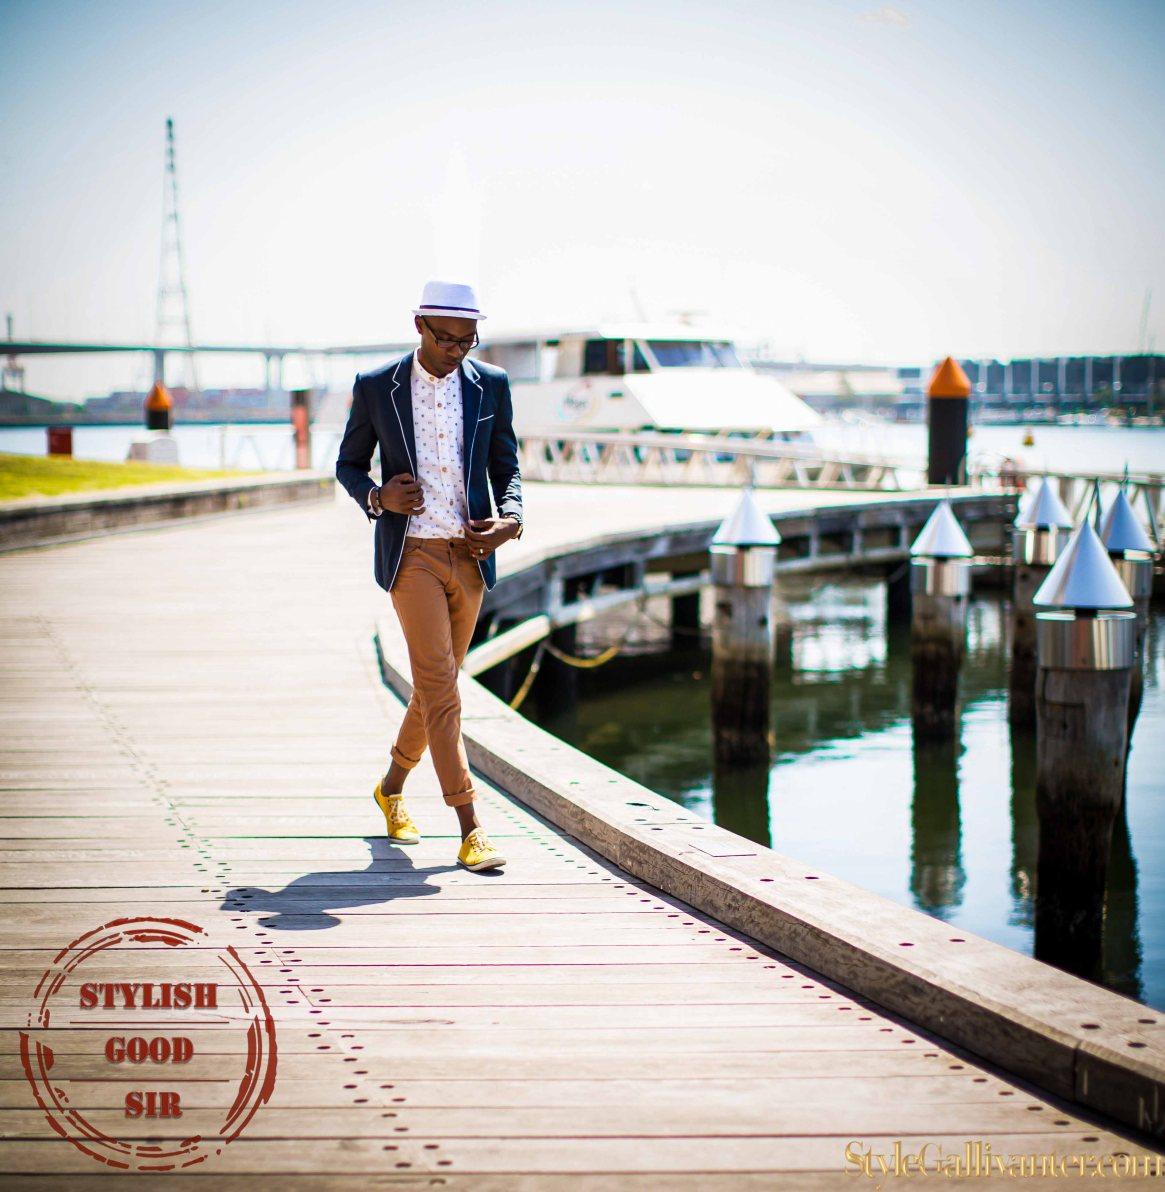 stylish-good-sir_BEST-MENSWEAR-BLOGS-MELBOURNE_AUSTRALIA'S-BEST-MENSWEAR-BLOGS_MENS-TRENDS-2014_BEST-STREET-STYLES-BLOGS-MELBOURNE_MEBOURNE'S_BEST-STREET-FASHION-BLOGGERS-27